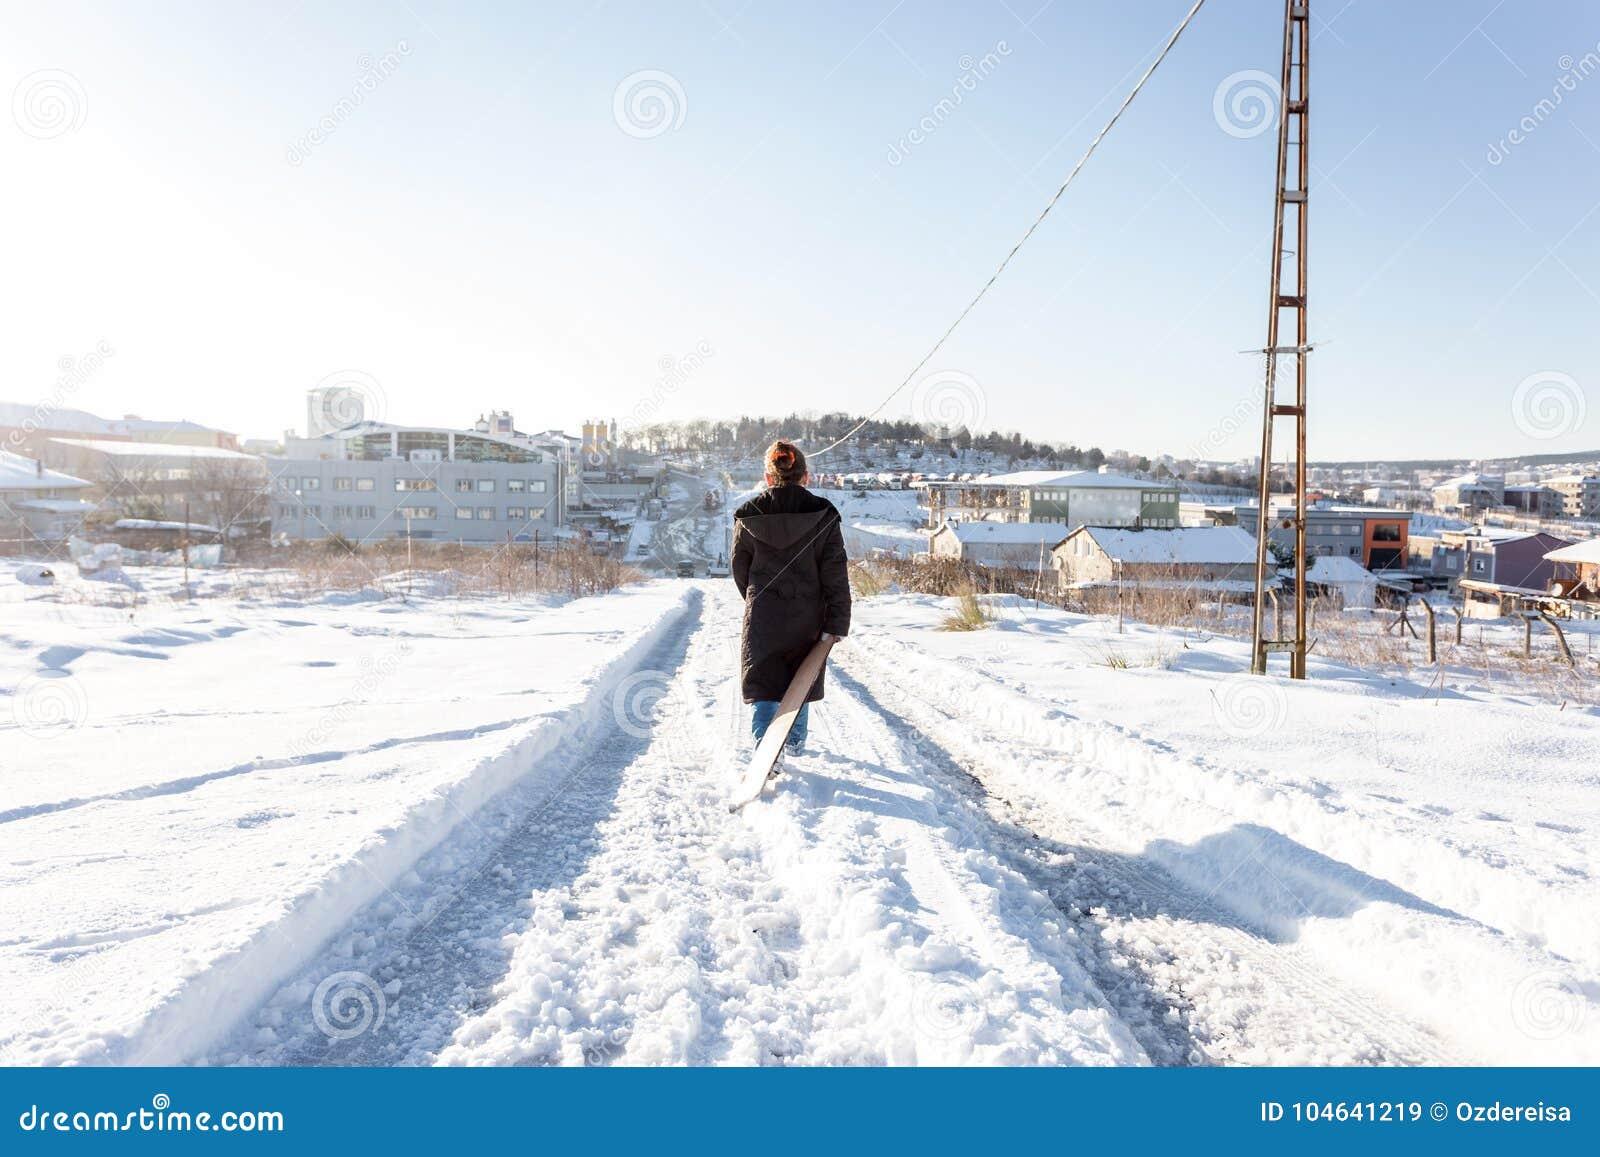 Download De Kinderen Glijden Op Sneeuw In Oude Schoolstijl Met Hardhout Redactionele Stock Afbeelding - Afbeelding bestaande uit koude, leuk: 104641219